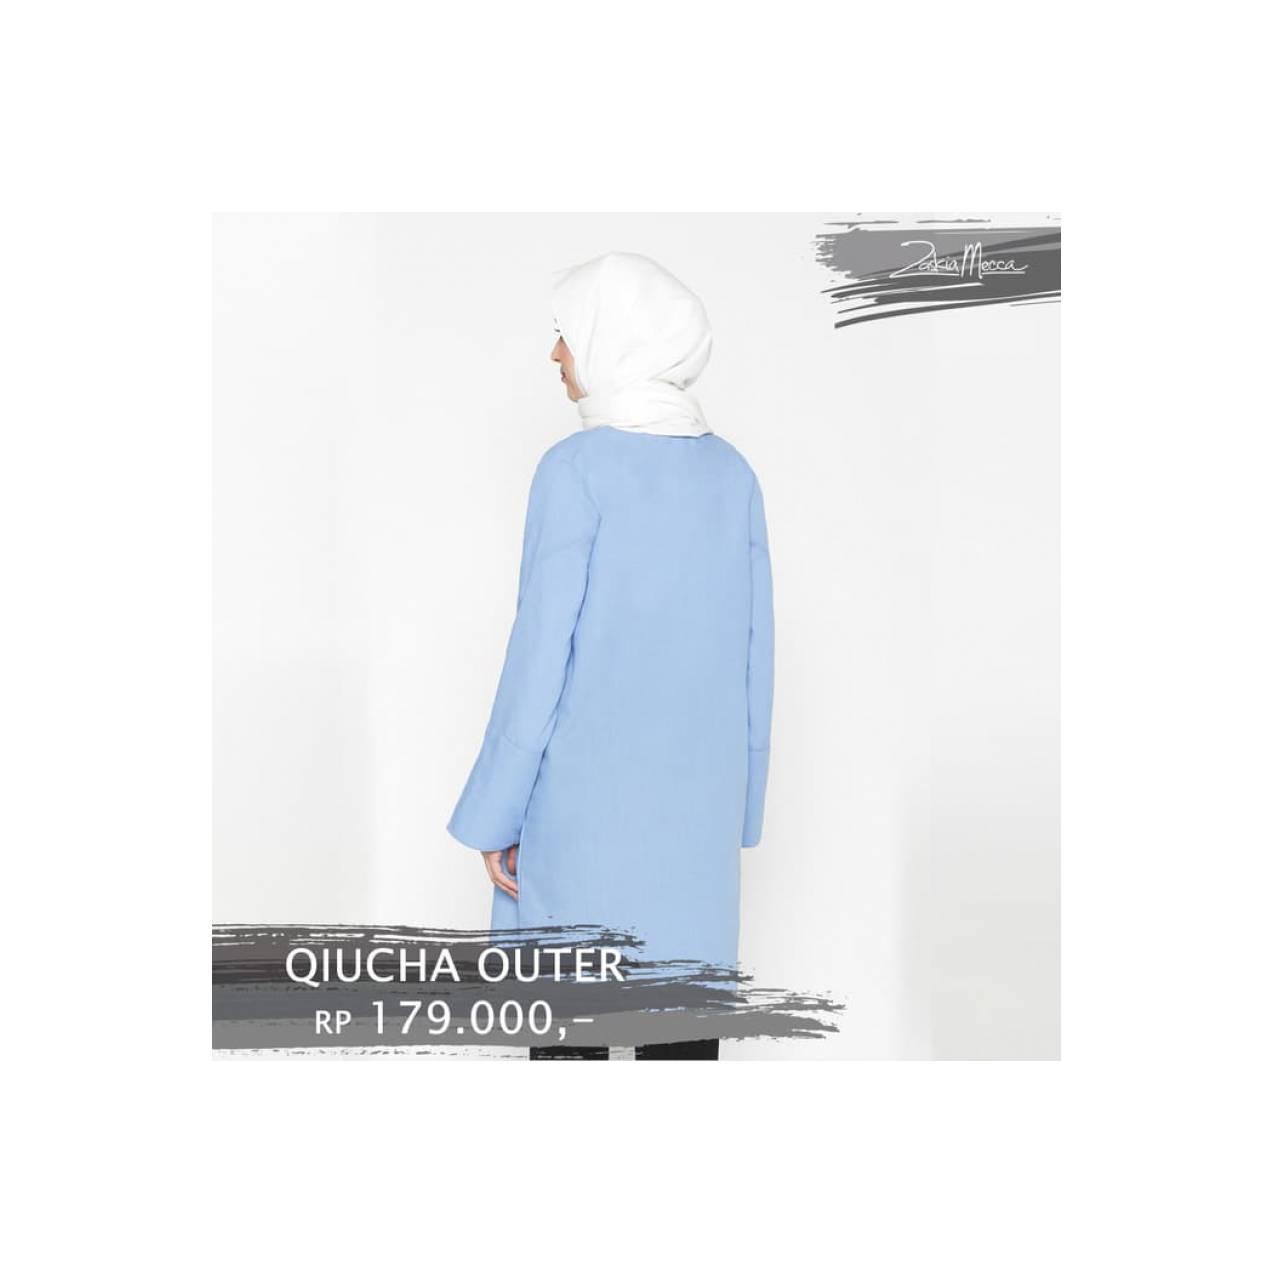 Cardingan MURAH Zaskia Mecca - Quicha Outer